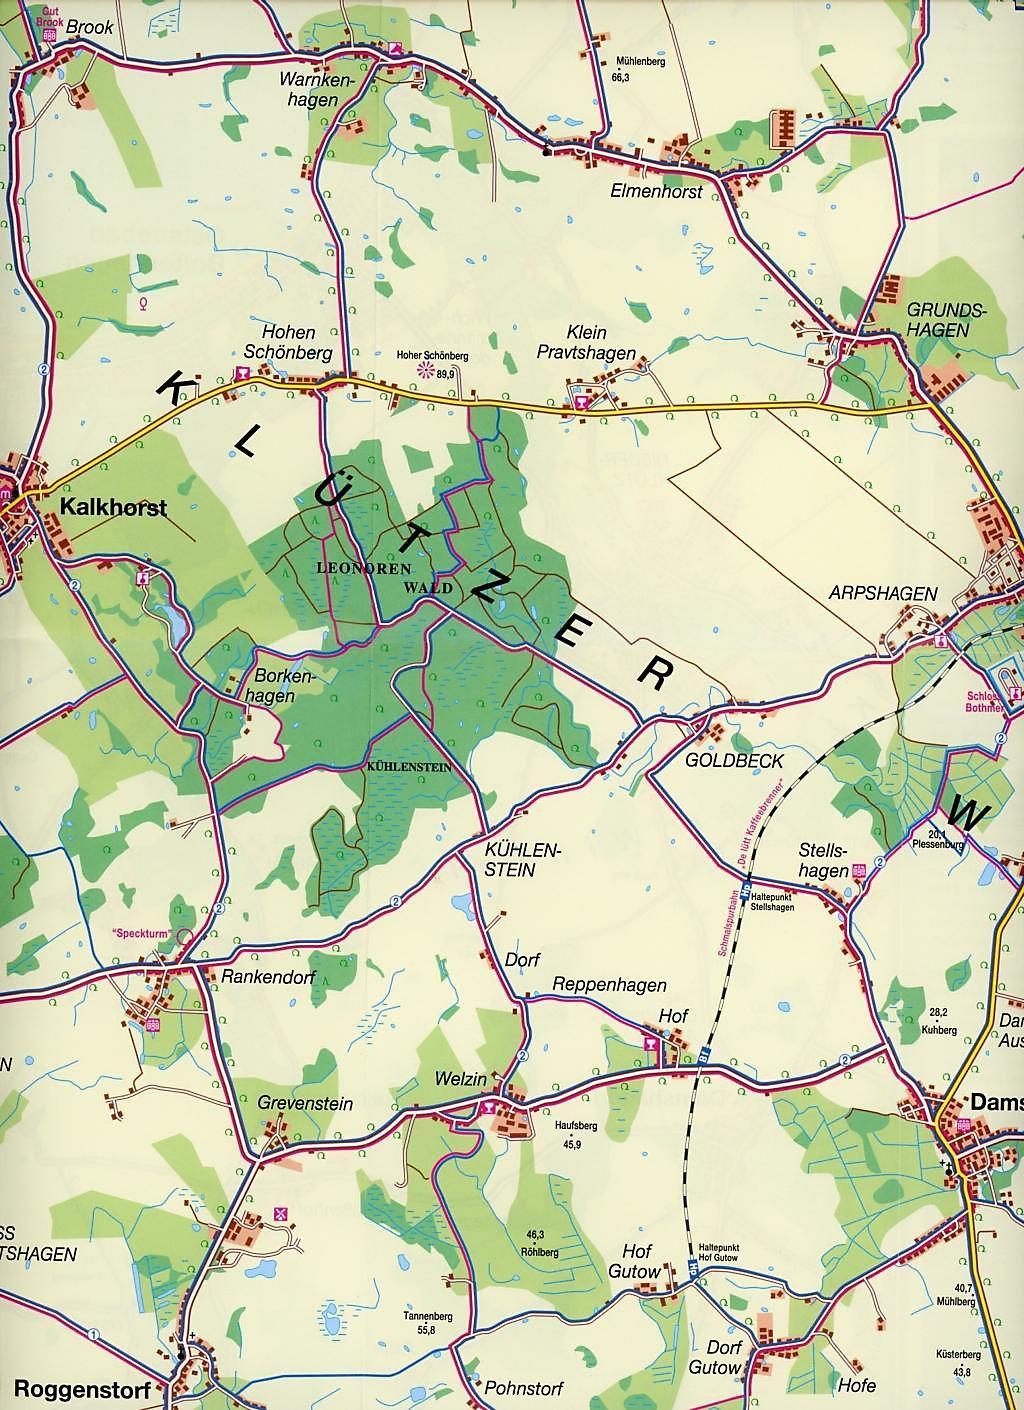 Boltenhagen Ostsee Karte.Nordland Karte Ostseekuste Um Boltenhagen Von Travemunde Bis